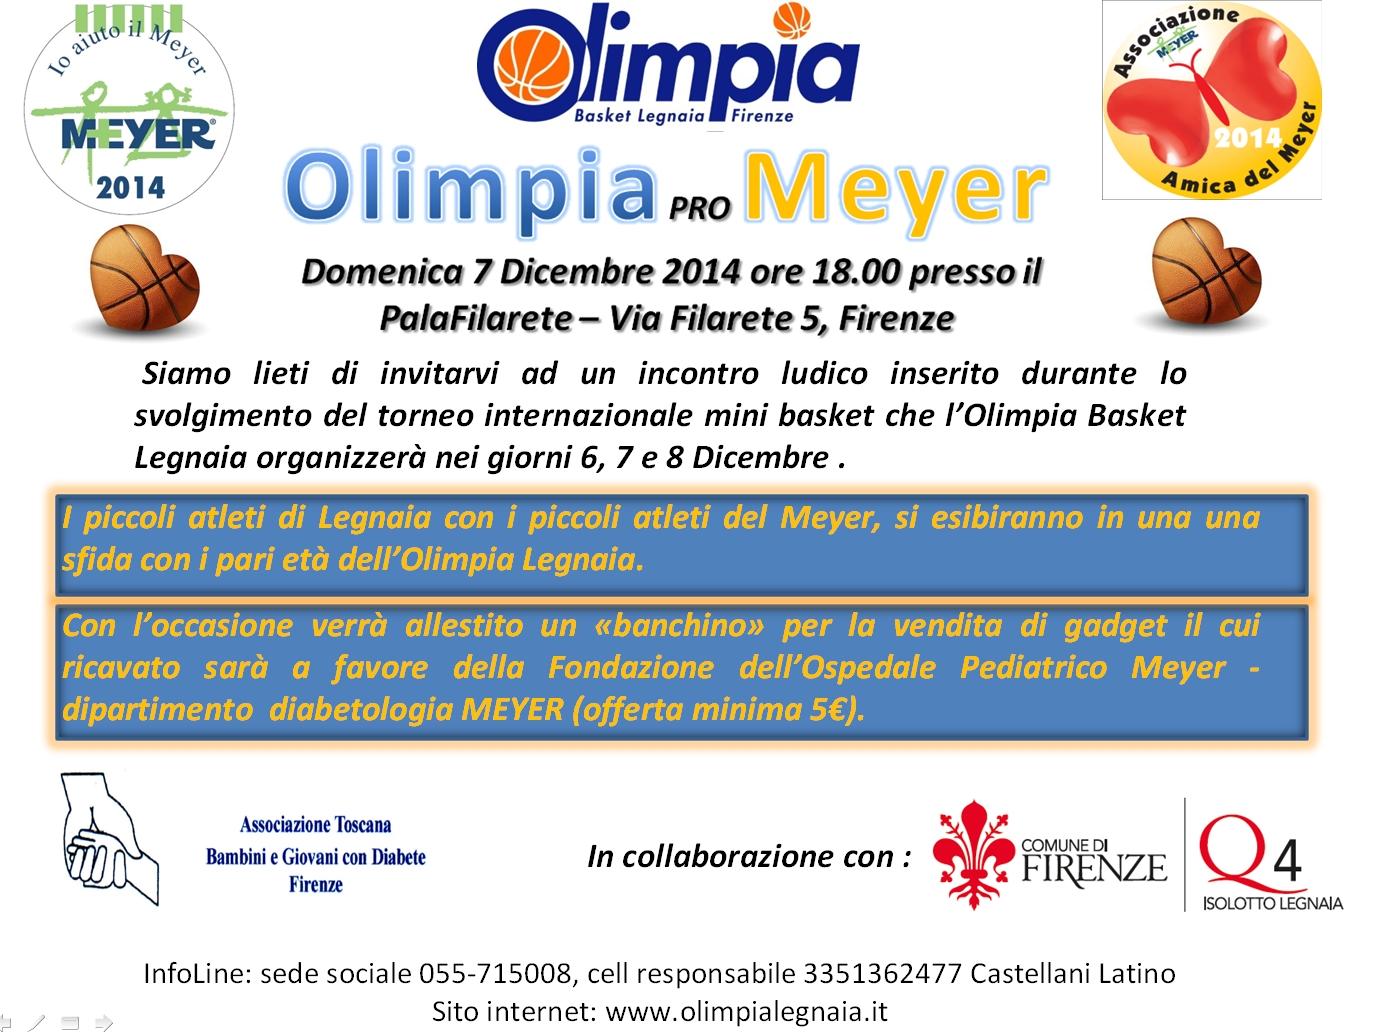 Olimpia pro Meyer